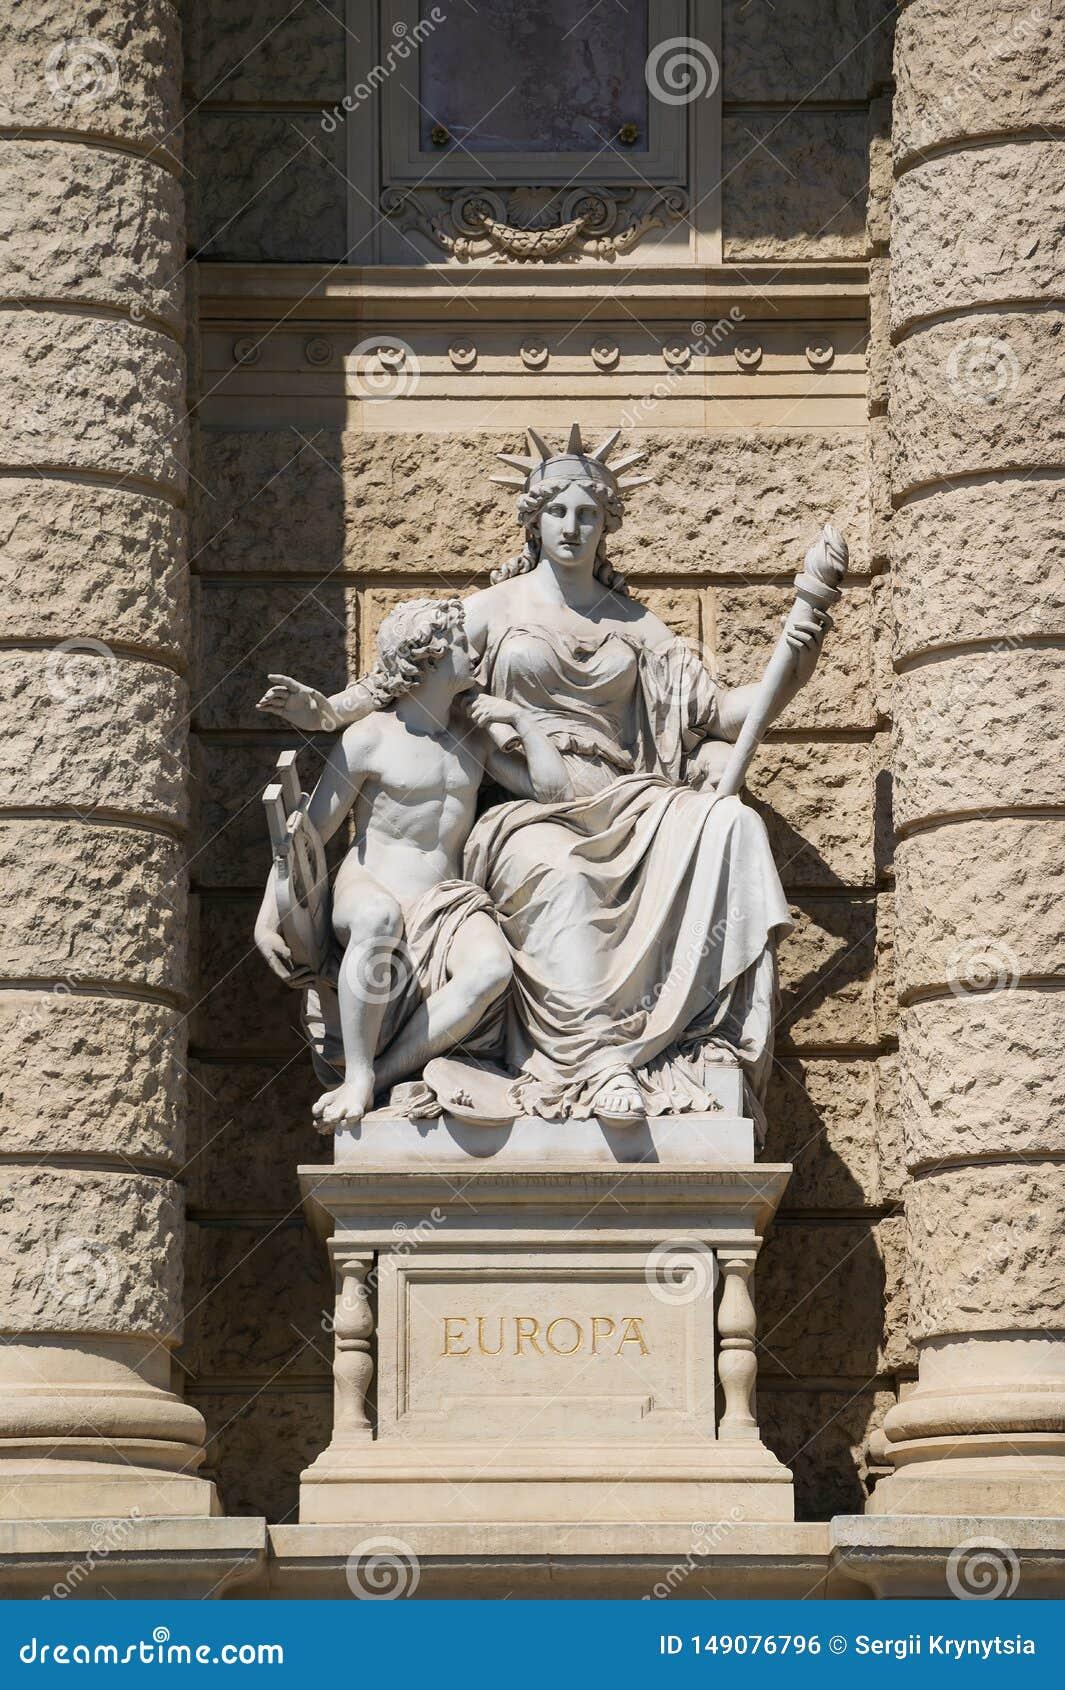 Statua allegorica del continente Europa, facciata del museo di storia naturale, Vienna, Austria